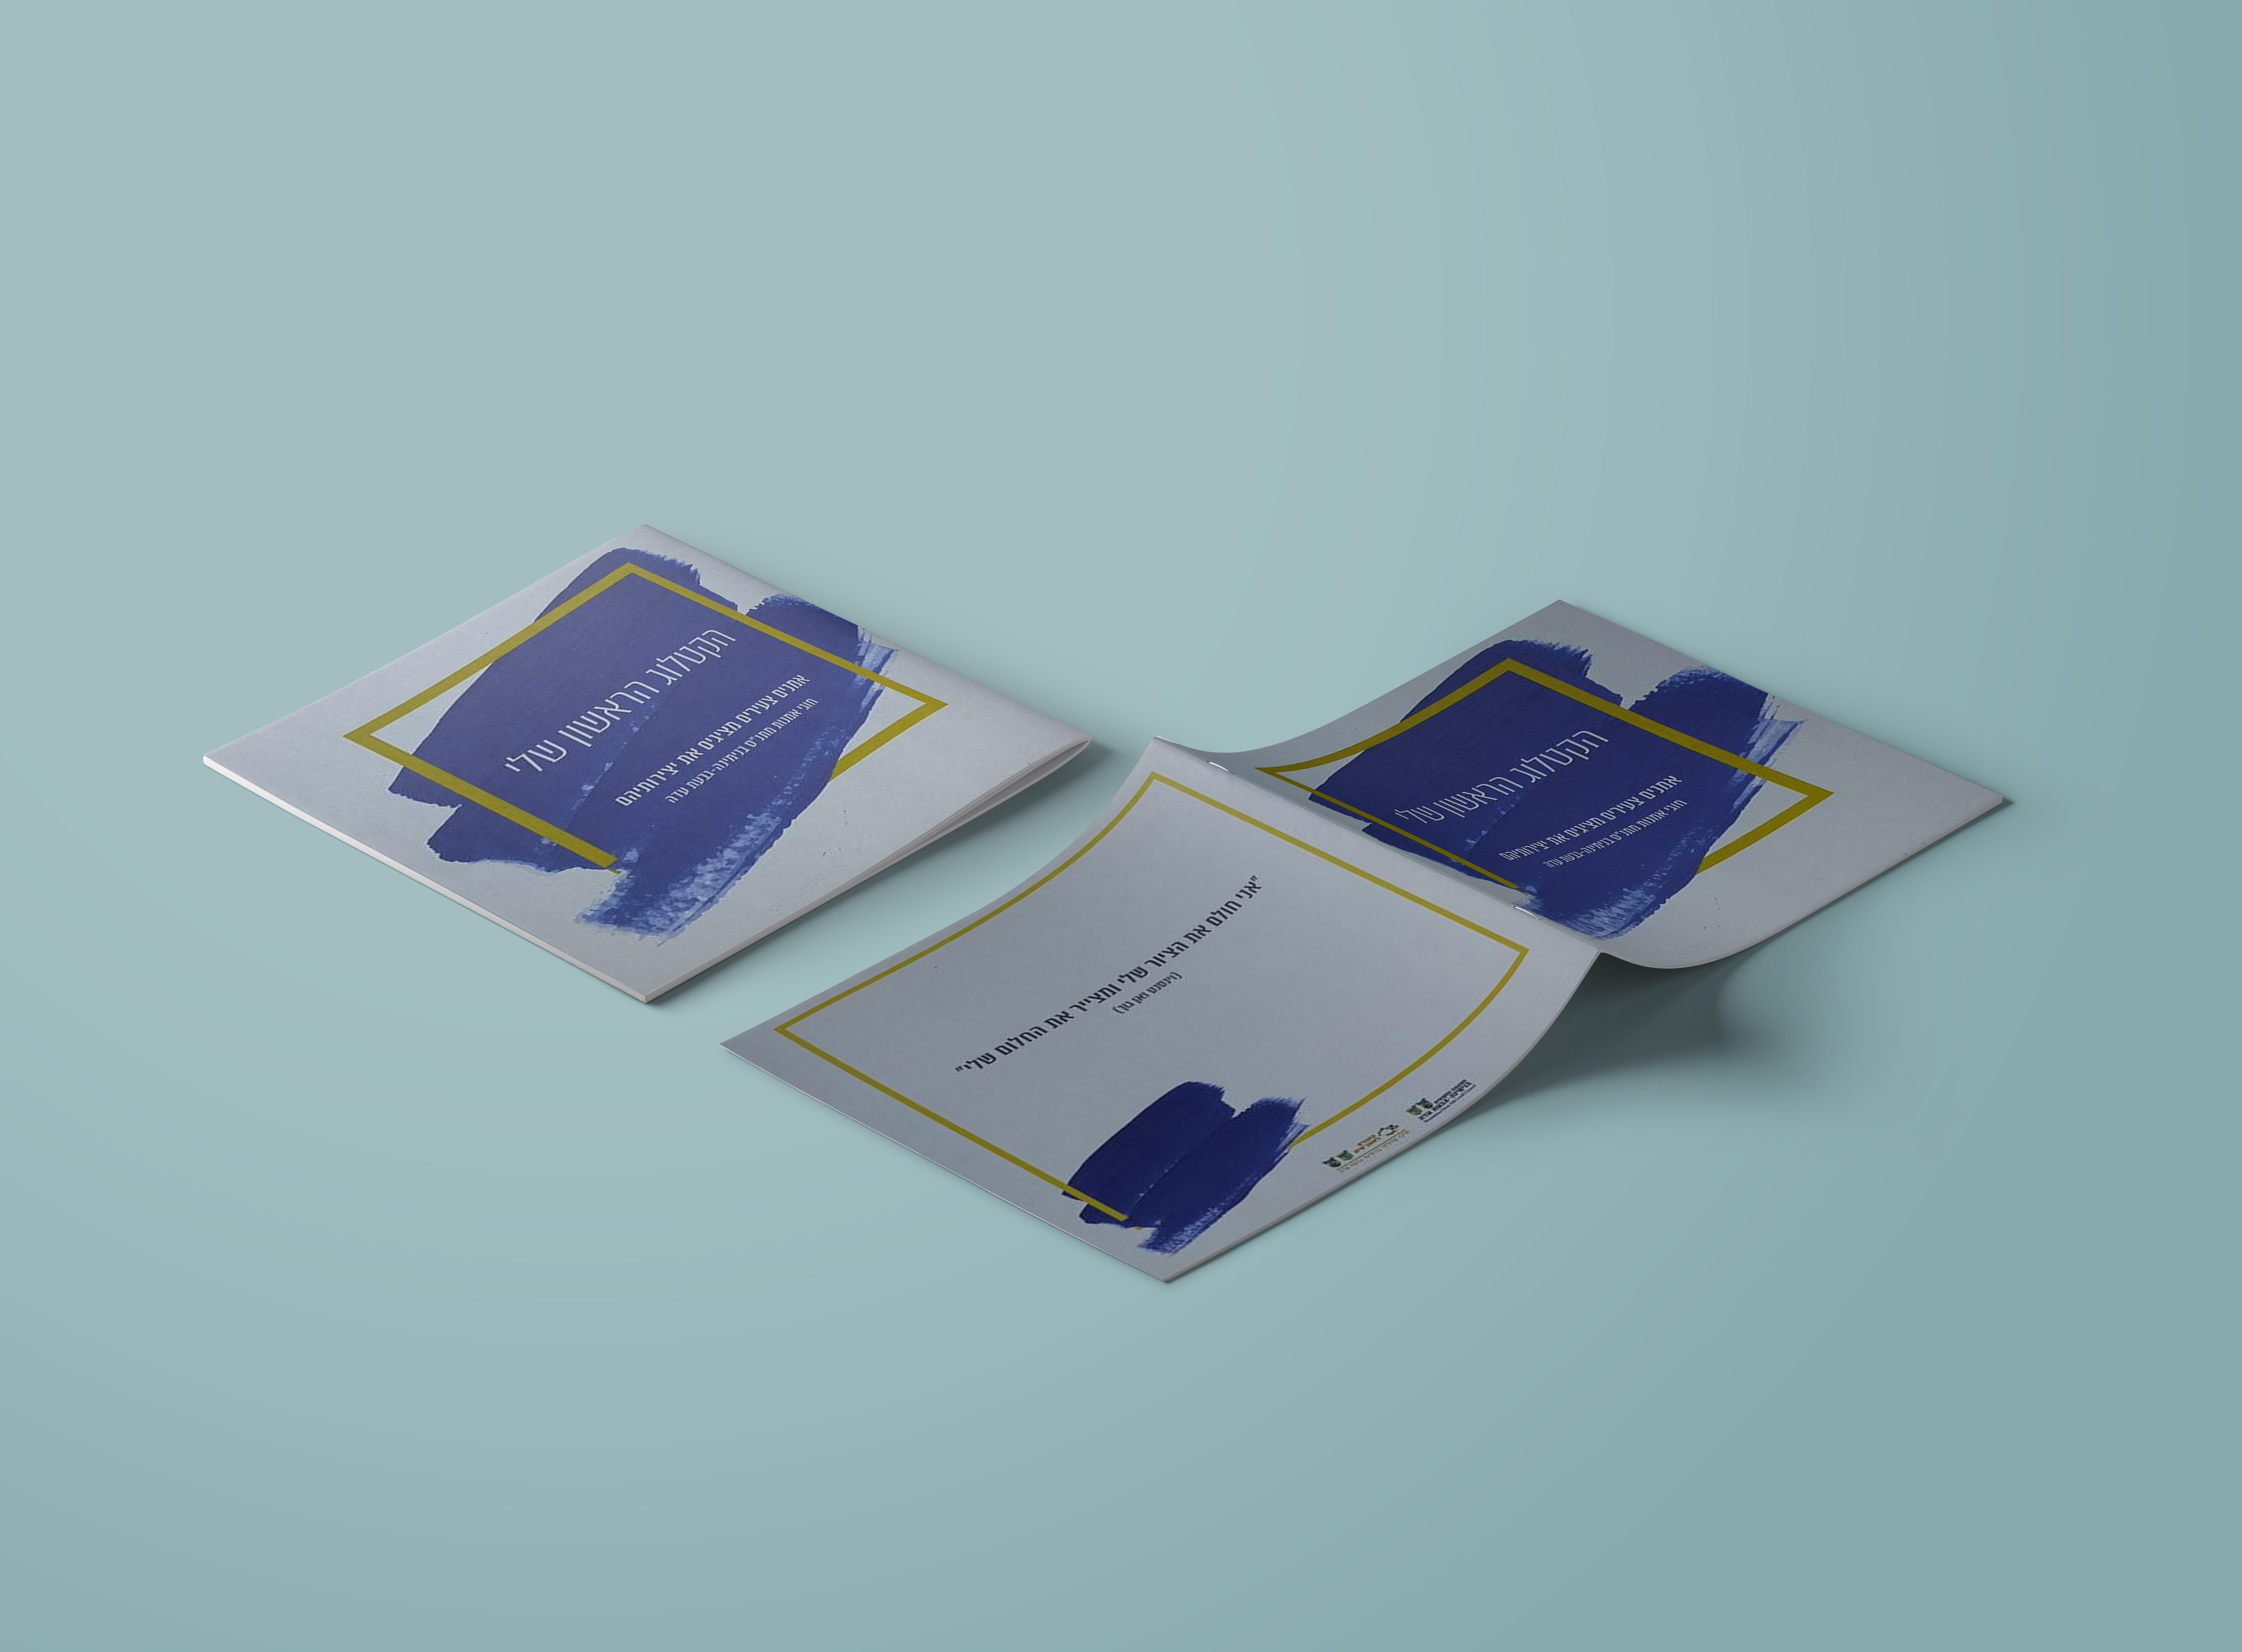 הקטלוג הראשון שלי אומני בנימינה, קיםול סיכה, נייר